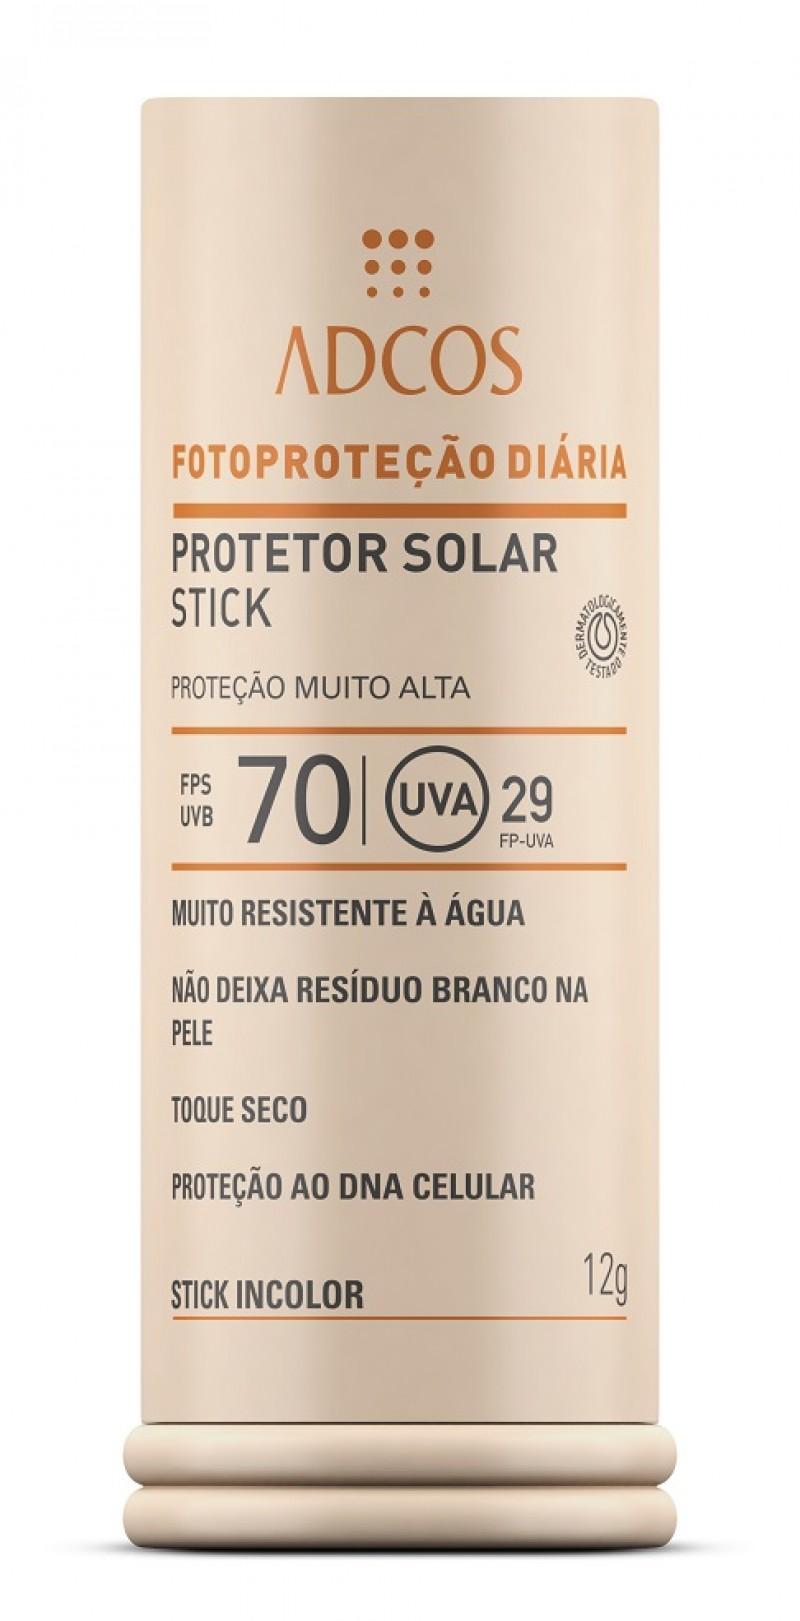 Adcos lança novo protetor solar